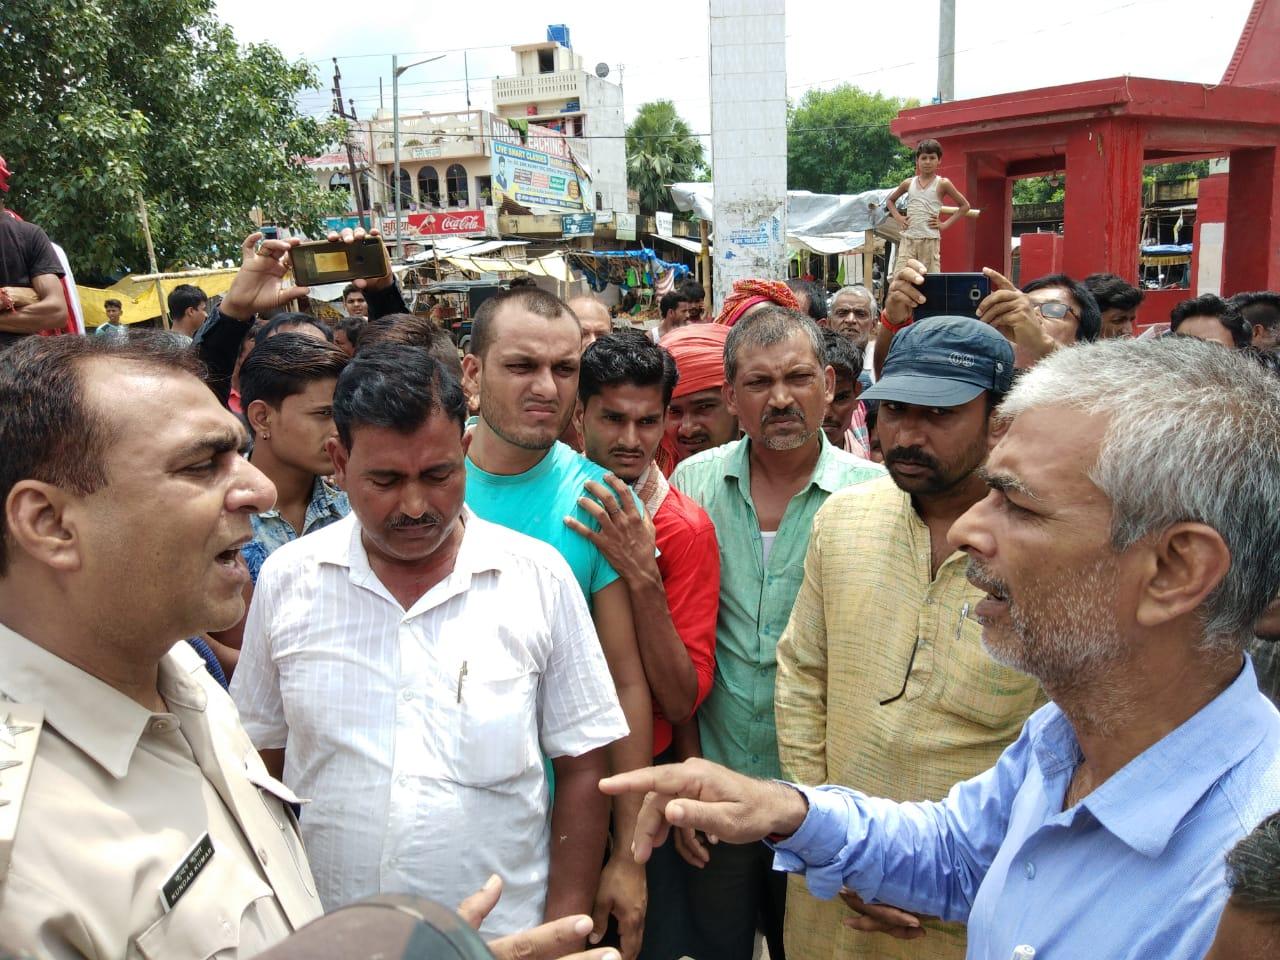 फाॅलोअप व्यवसायी लूटकांड: पुलिस की कार्यशैली पर उठ रहे सवाल समस्तीपुर Town